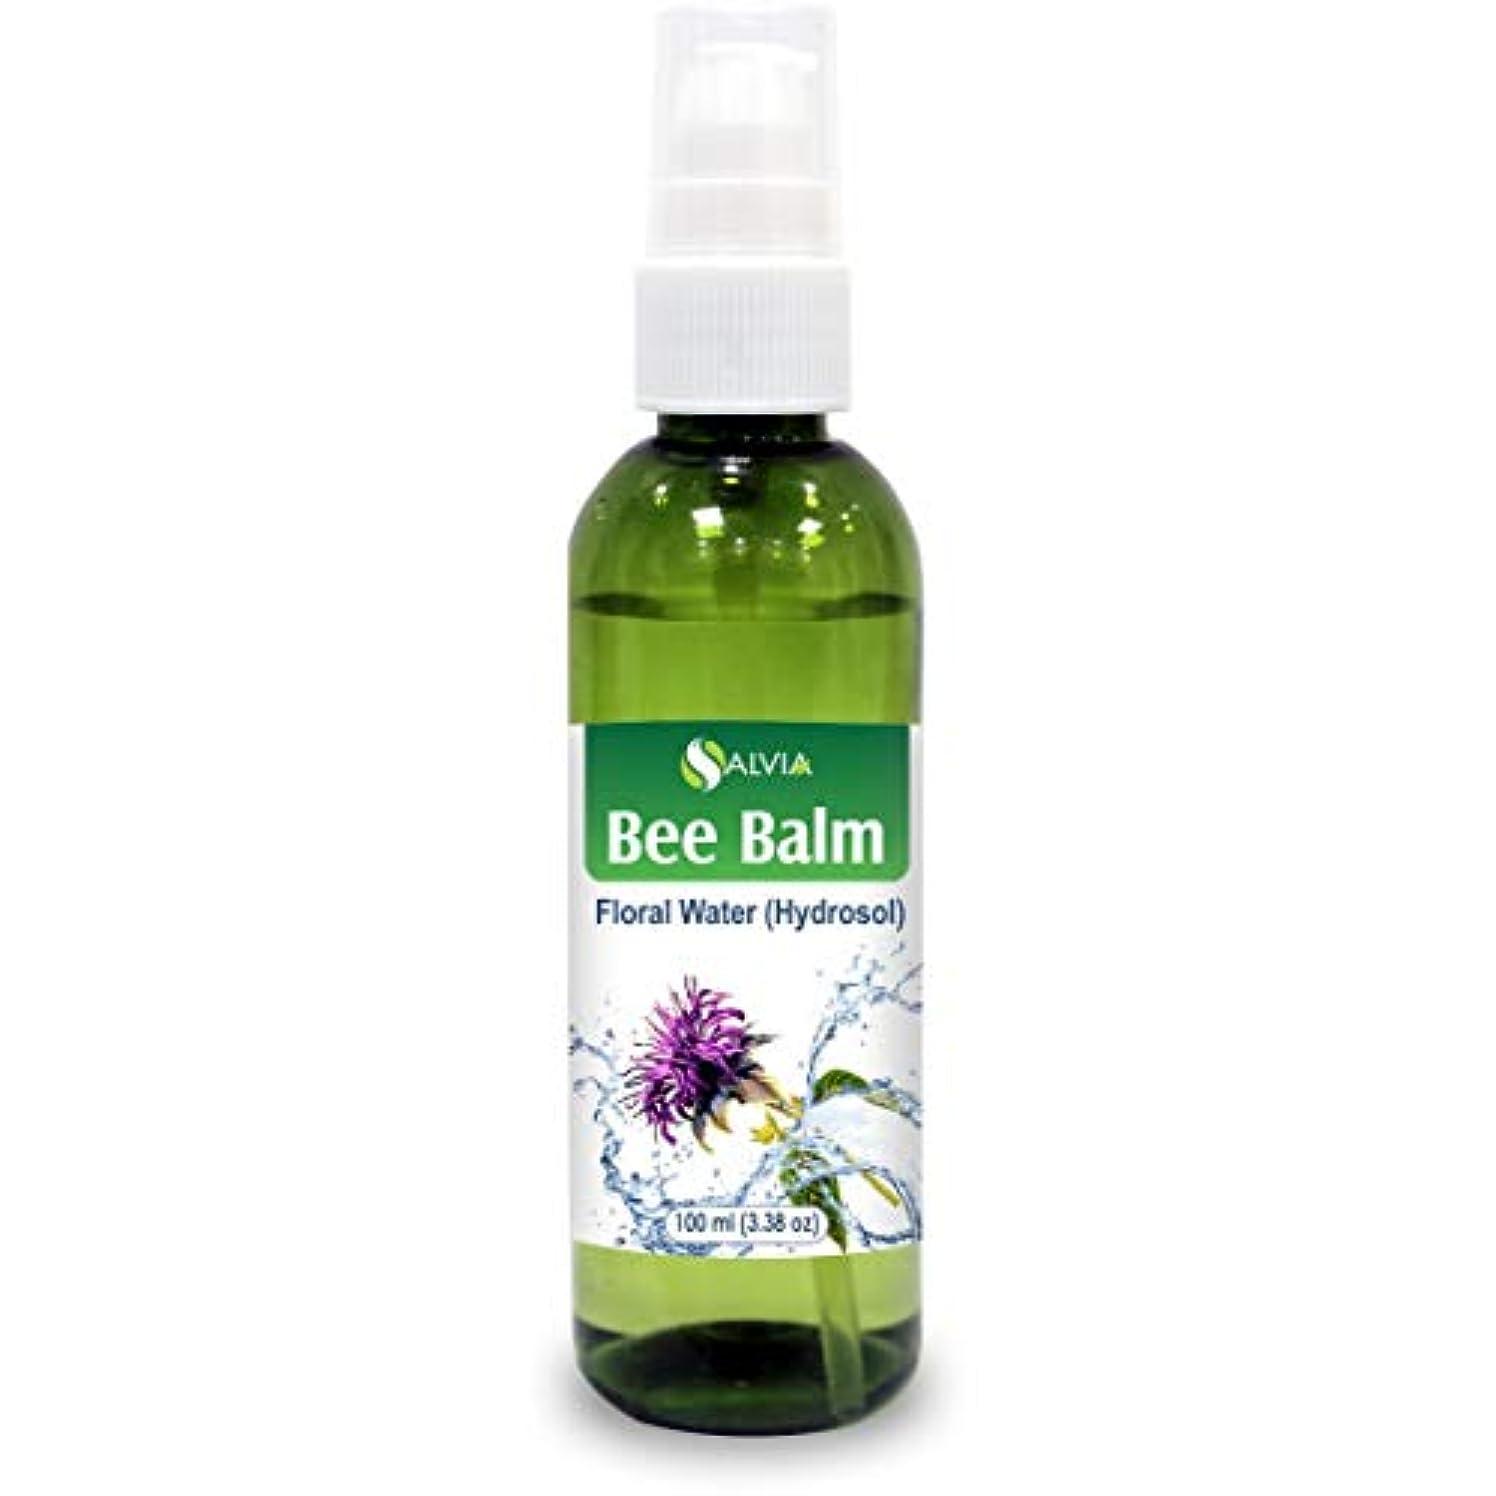 ピック純粋な回答Bee Balm Floral Water 100ml (Hydrosol) 100% Pure And Natural